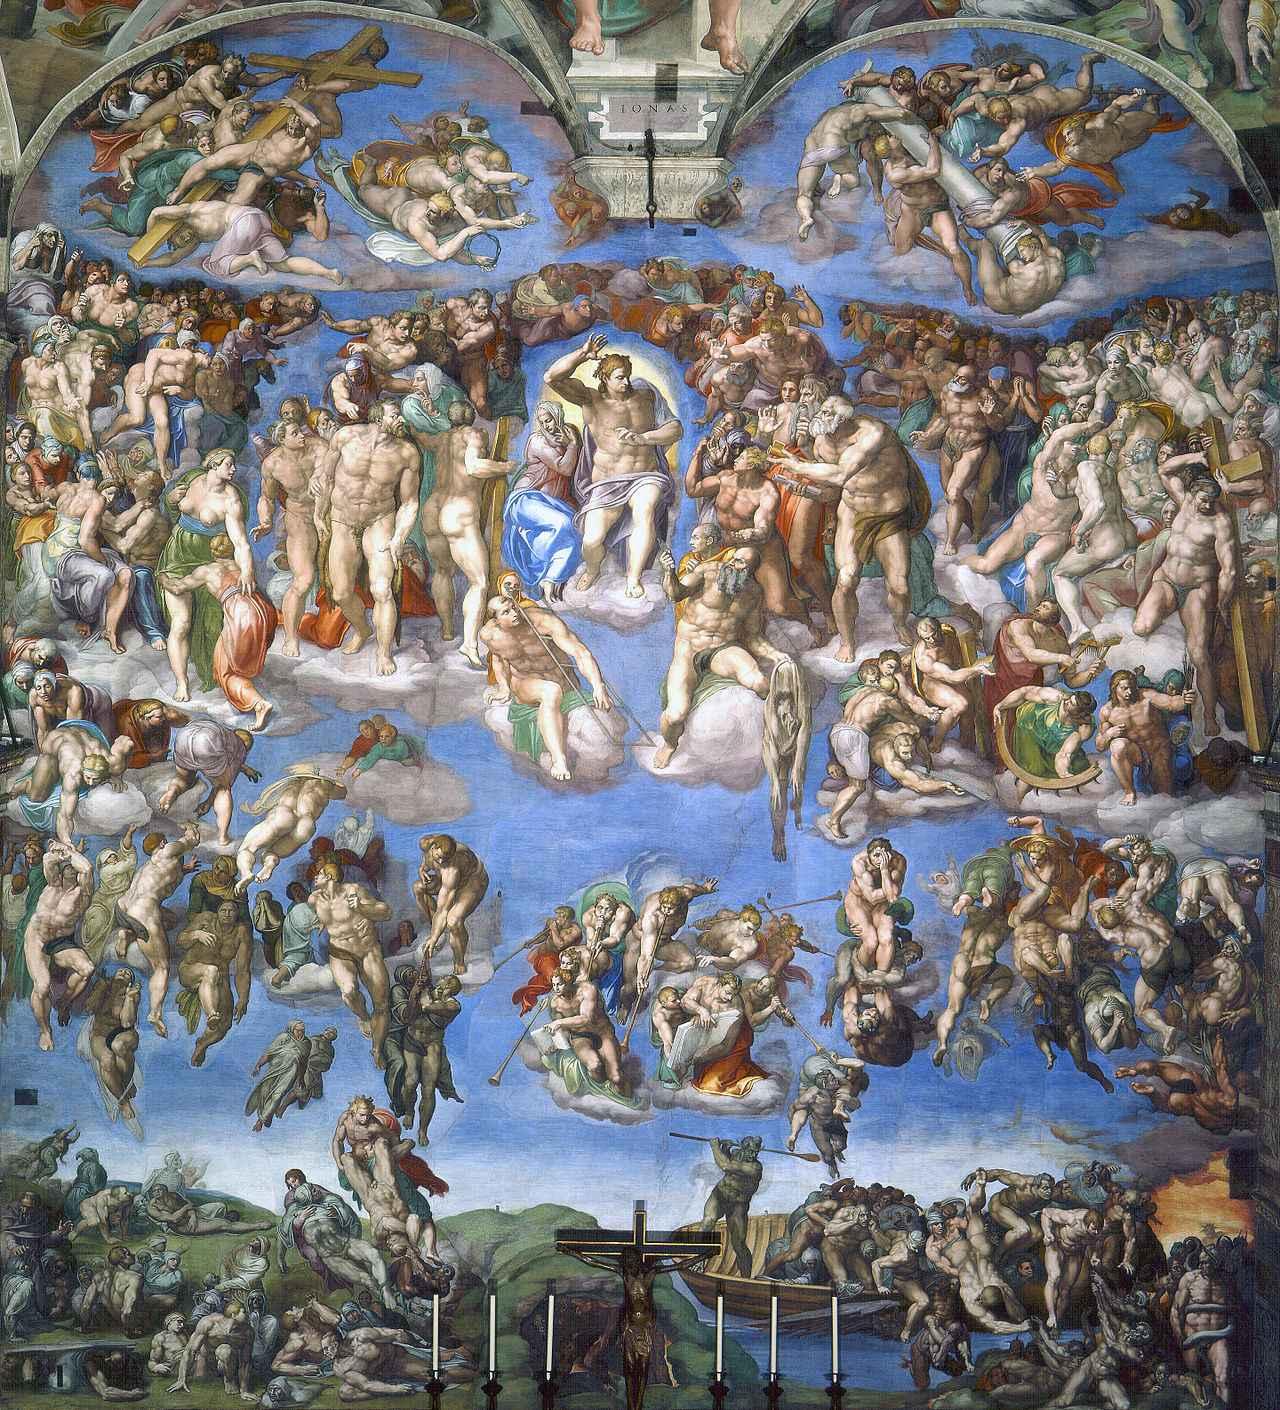 画像: ミケランジェロ/祭壇画『最後の審判』